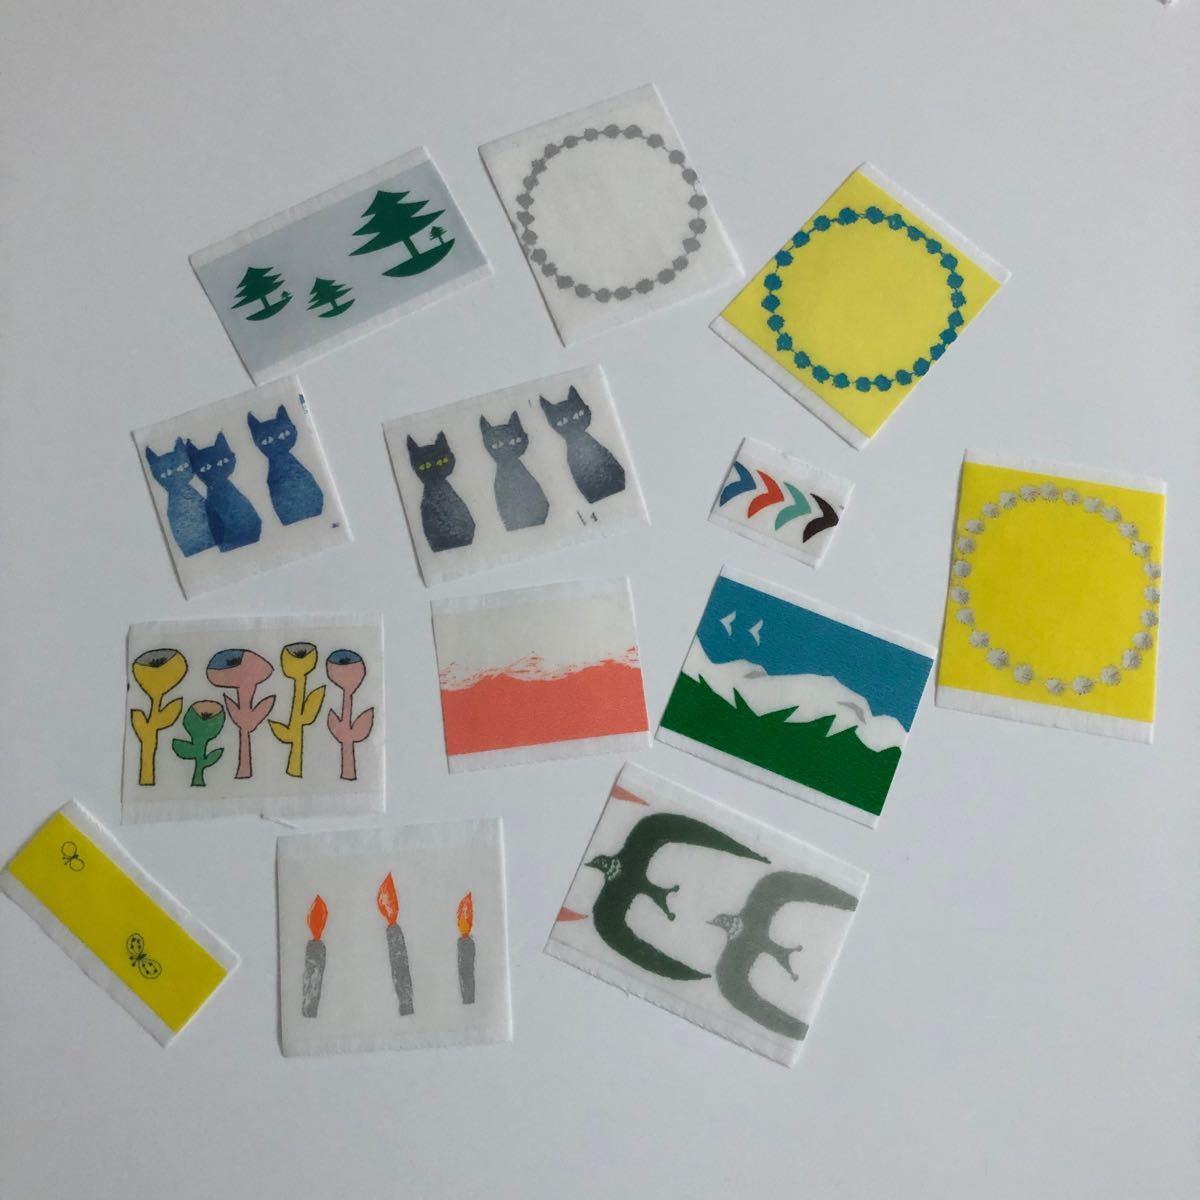 ミナペルホネン マスキングテープ マステ フレークシール シール 40種類